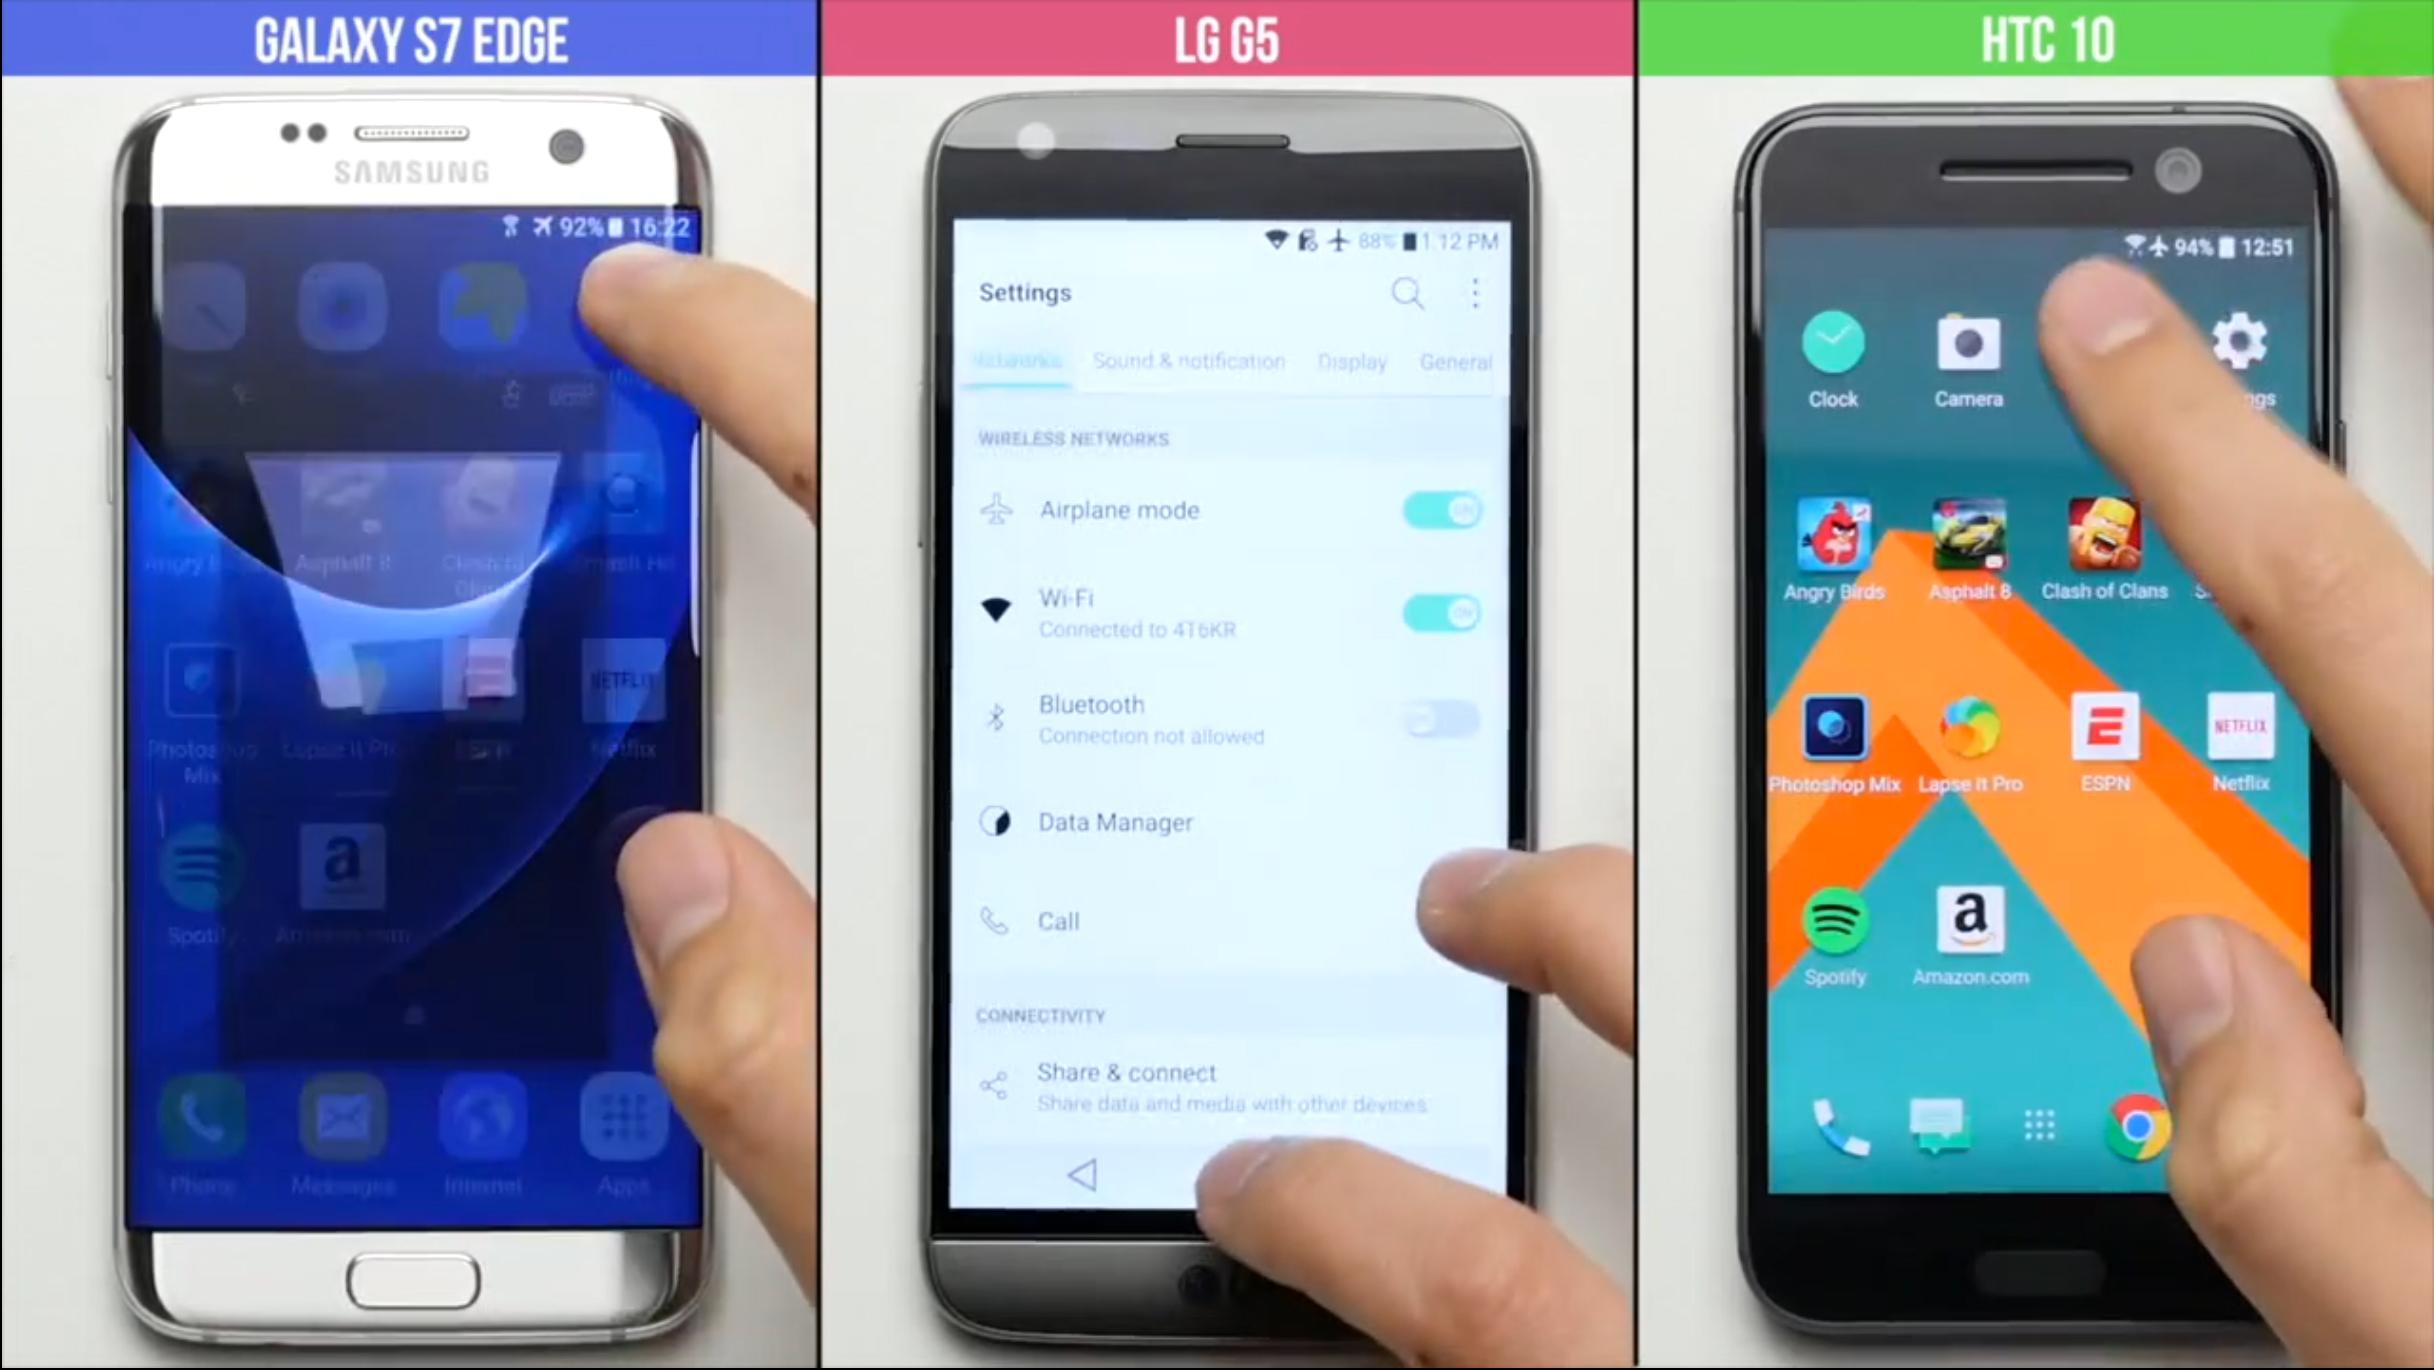 Speed-Test-Galaxy-S7-vs-LG-G5-vs-HTC-10